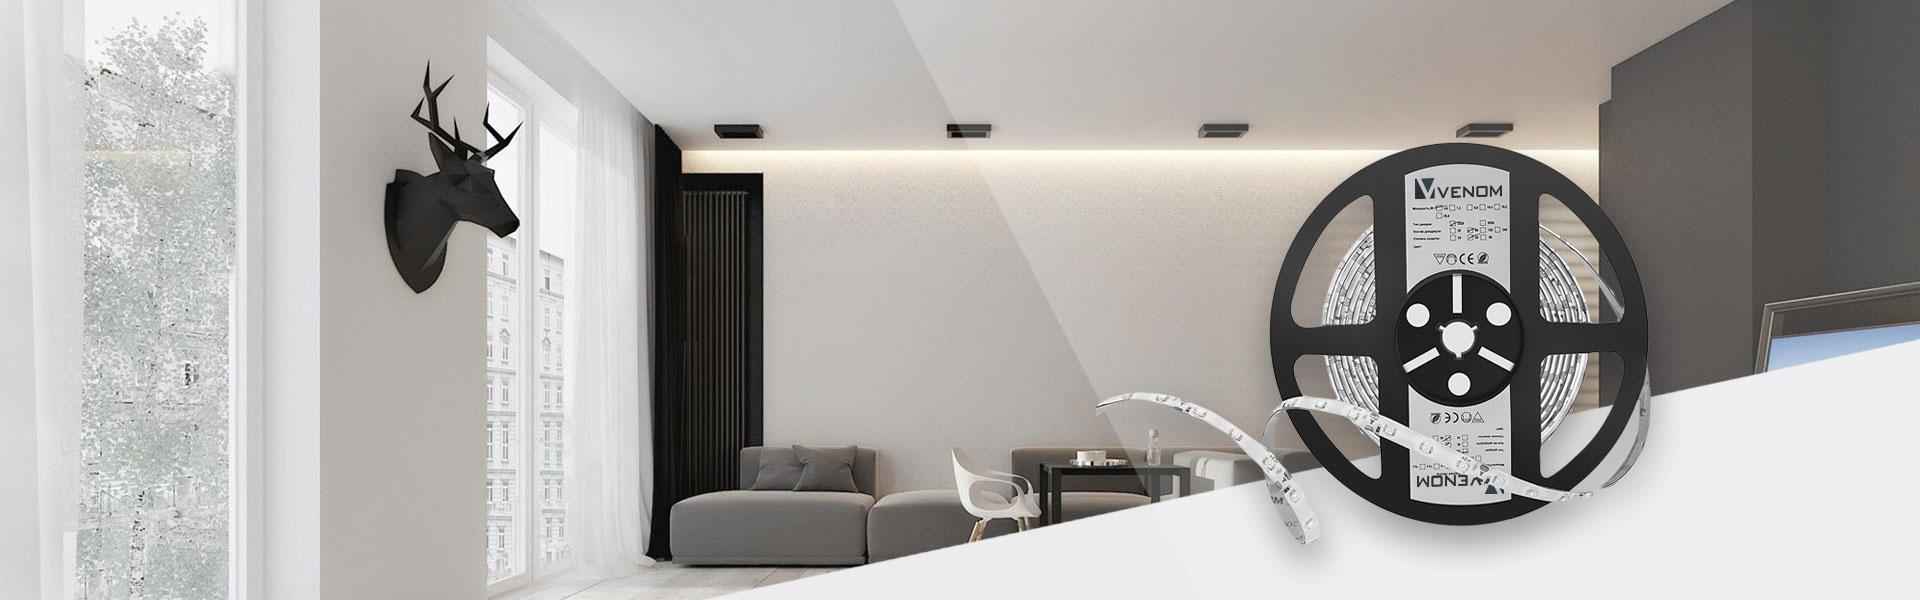 светодиодная лента venom для дизайнерского освещения